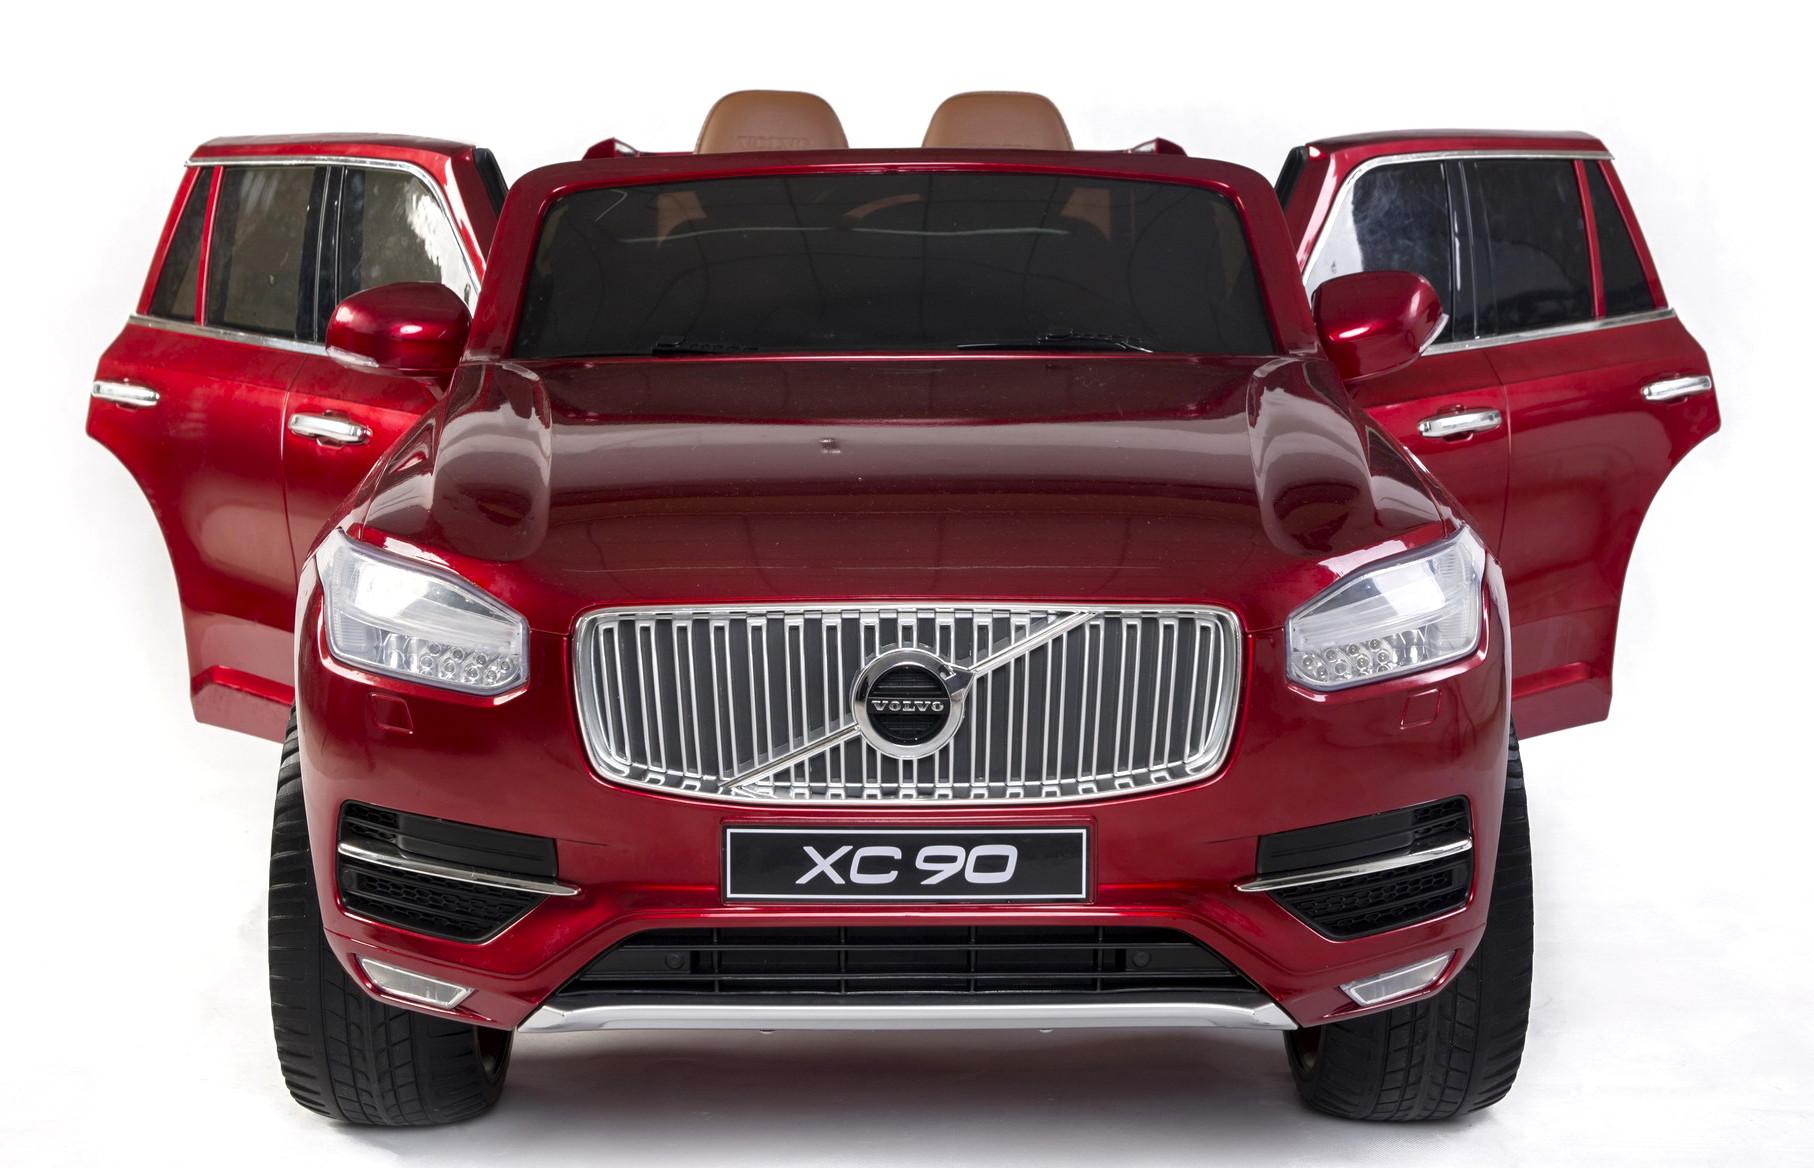 Hľadáte autíčko pre dve deti vhodné aj do terénu? Elektrické autíčko Volvo XC90 Vám poskytne oveľa viac.